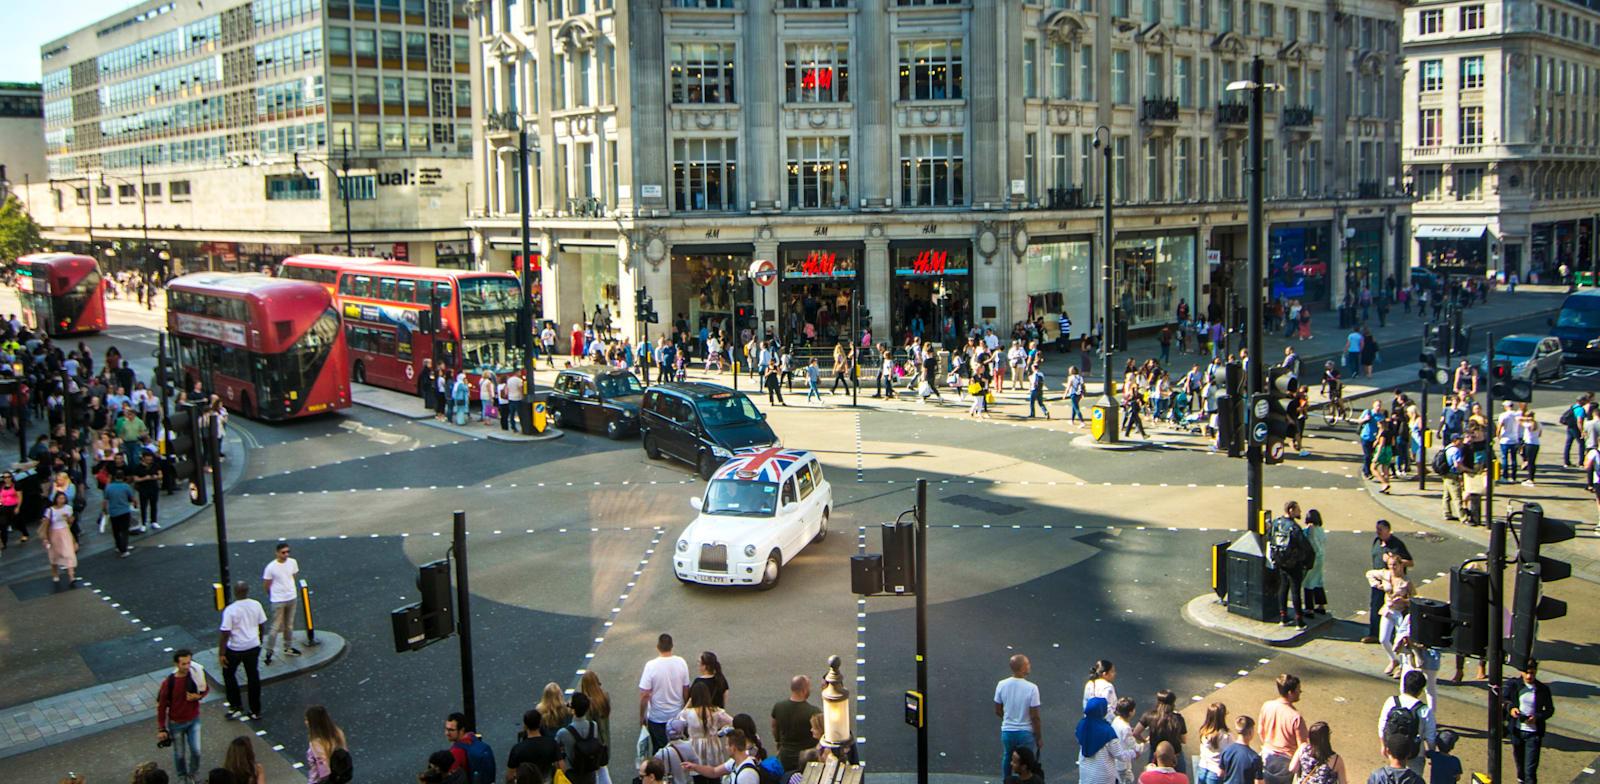 רחוב אוקספורד / צילום: Shutterstock, Willy Barton